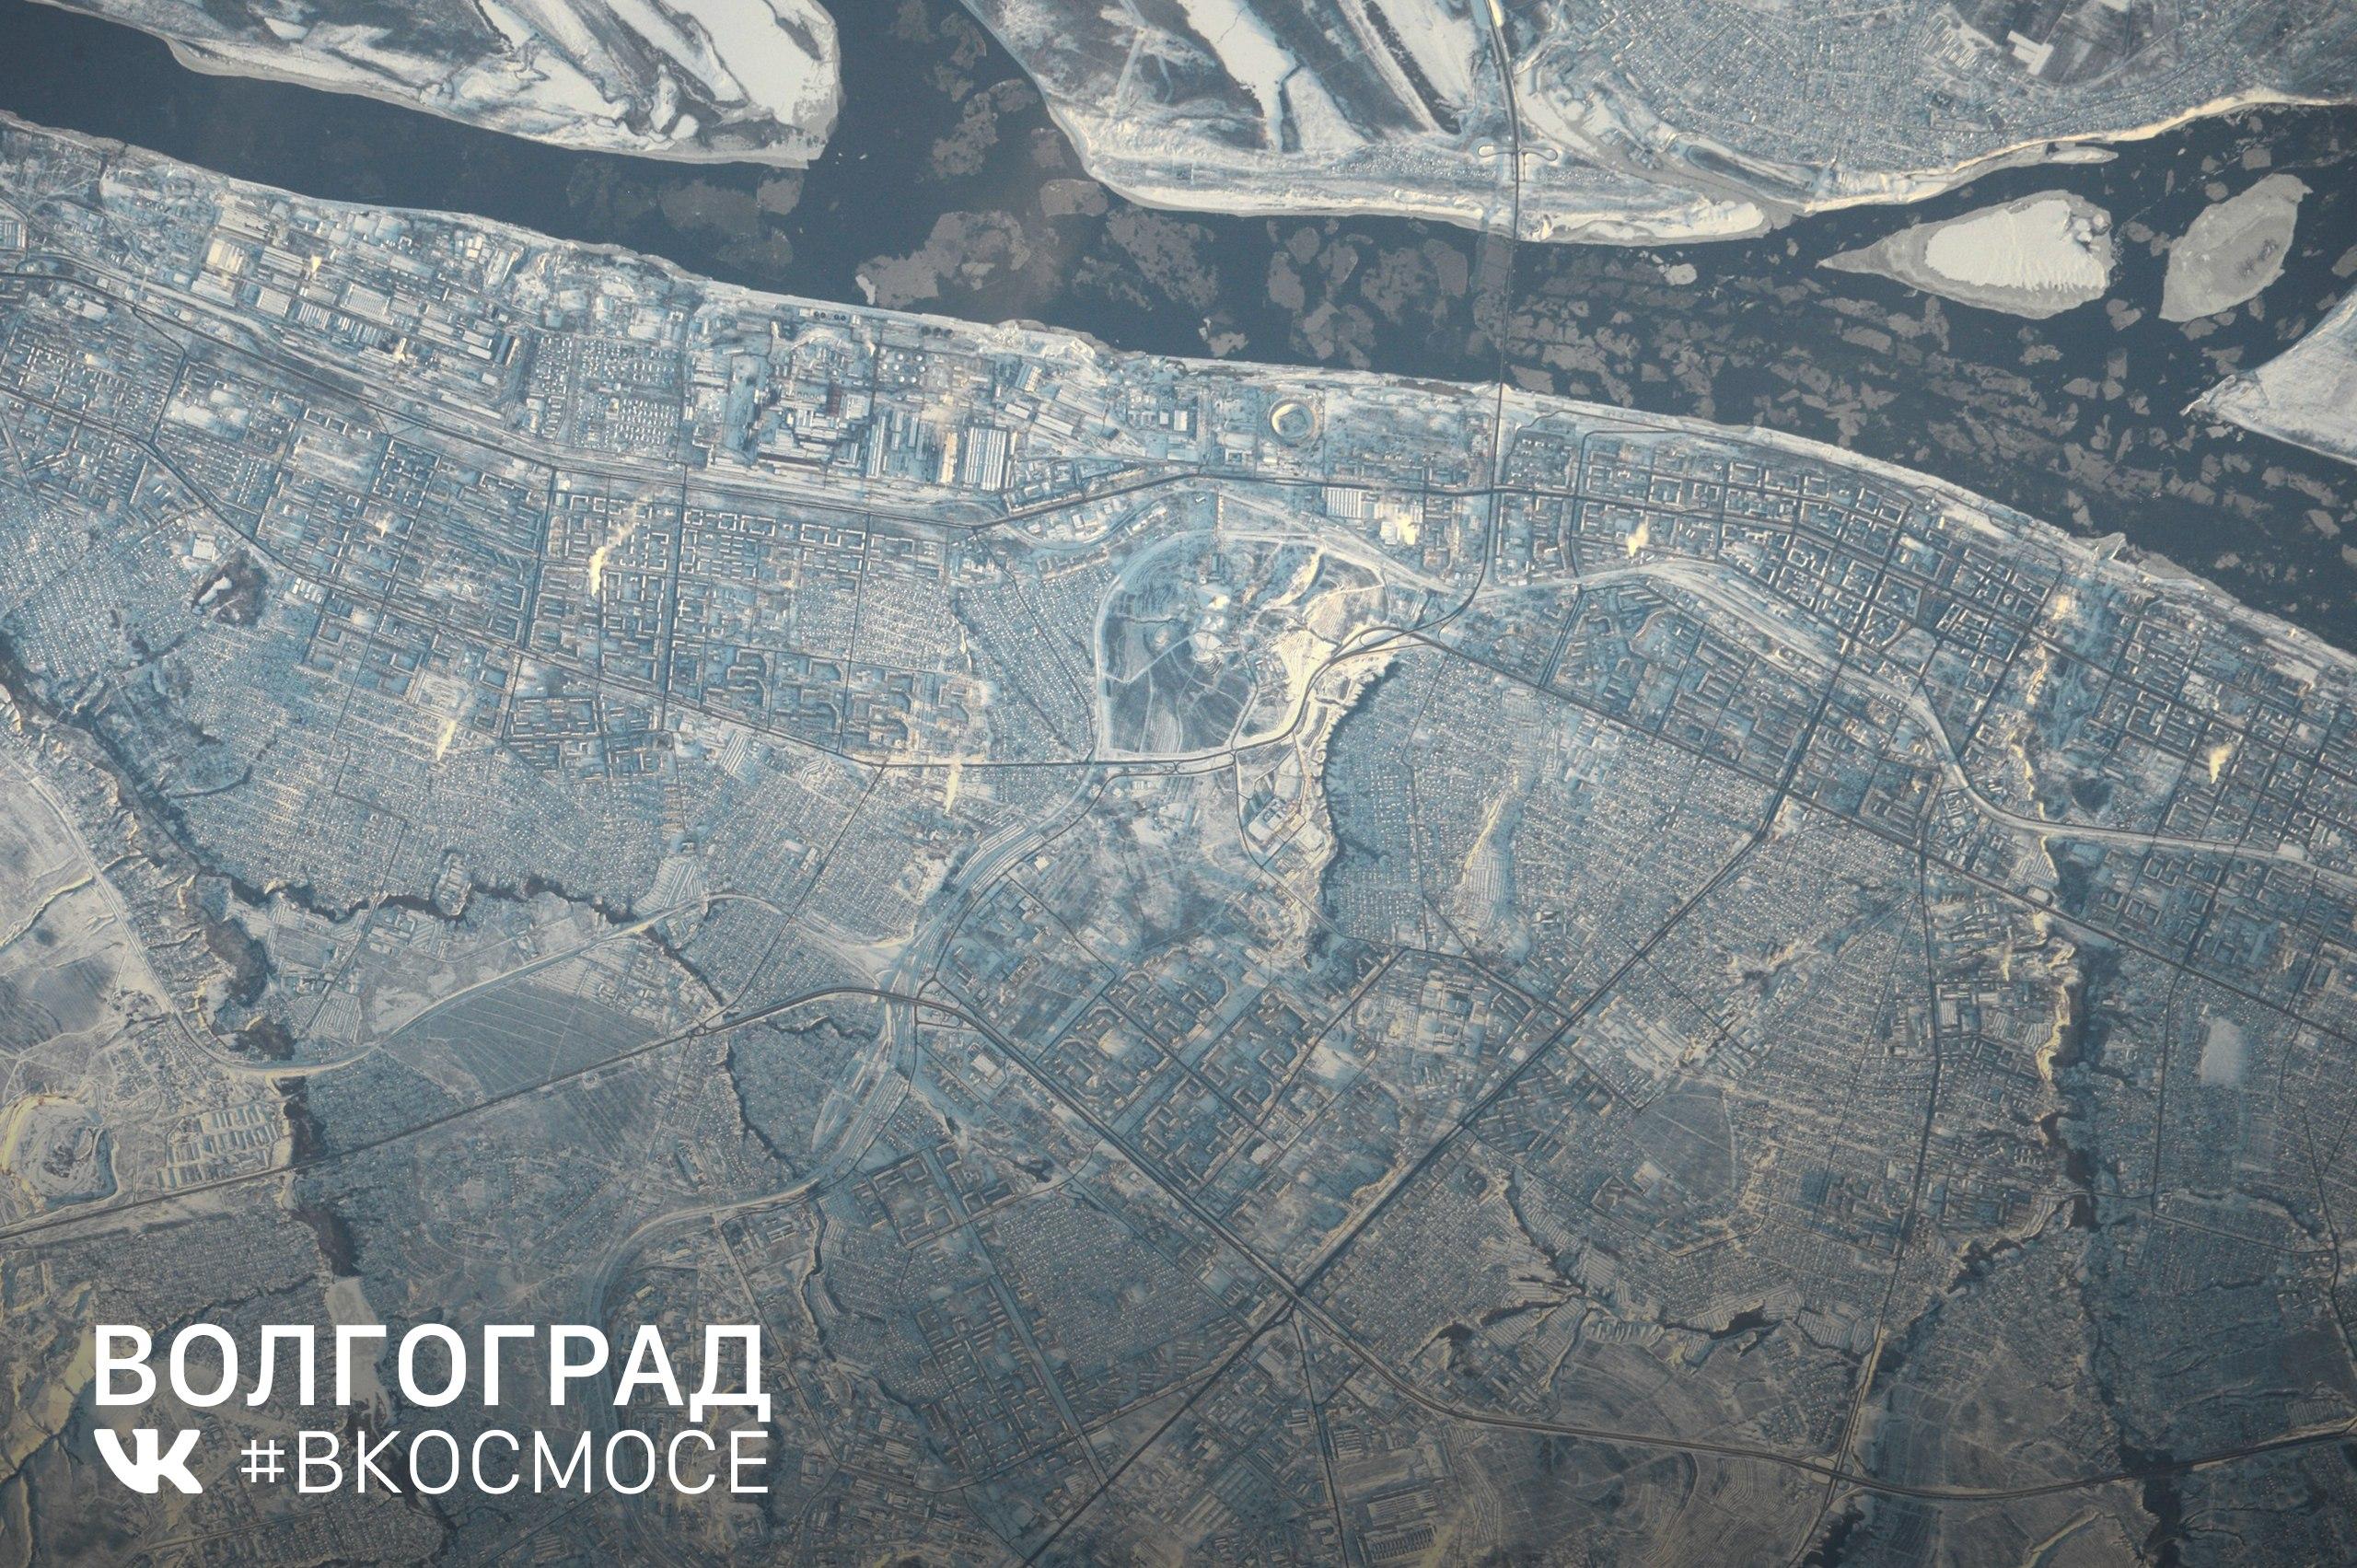 Фото: космонавт Сергей Рыжиков / Роскосмос